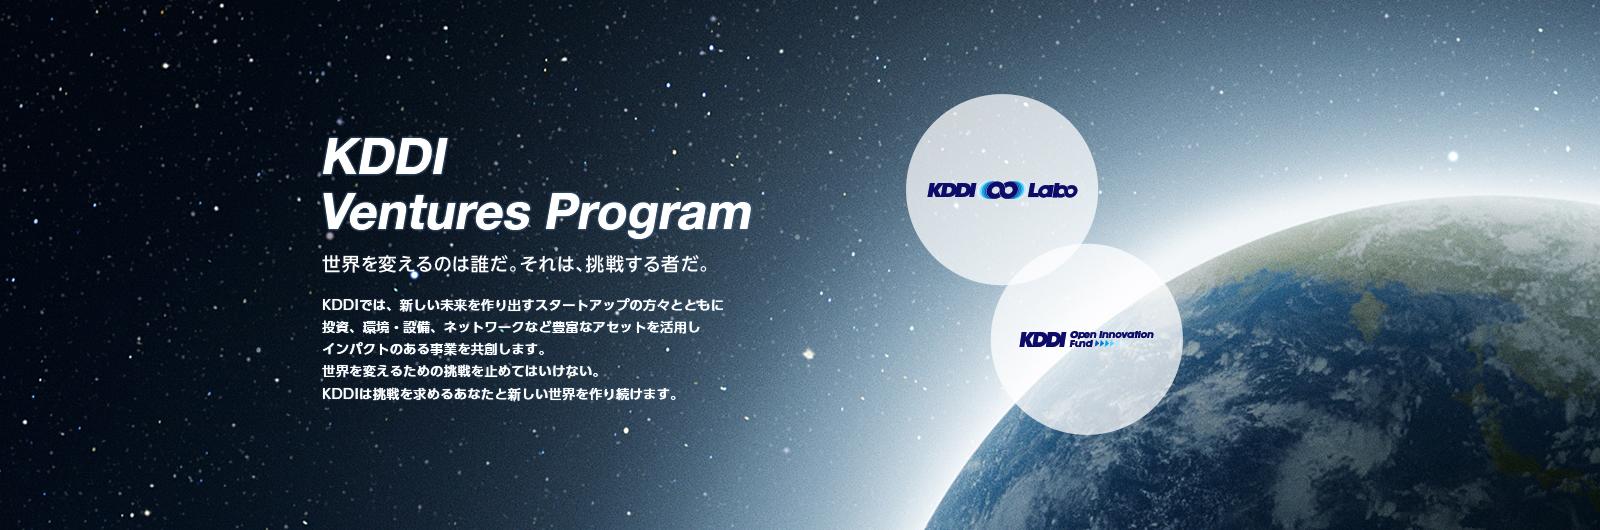 KDDI Ventures Program 世界を変えるのは誰だ。それは、挑戦する者だ。 KDDIでは、新しい未来を作り出すスタートアップの方々とともに投資、環境・設備、ネットワークなど豊富なアセットを活用しインパクトのある事業を共創します。世界を変えるための挑戦を止めてはいけない。KDDIは挑戦を求めるあなたと新しい世界を作り続けます。